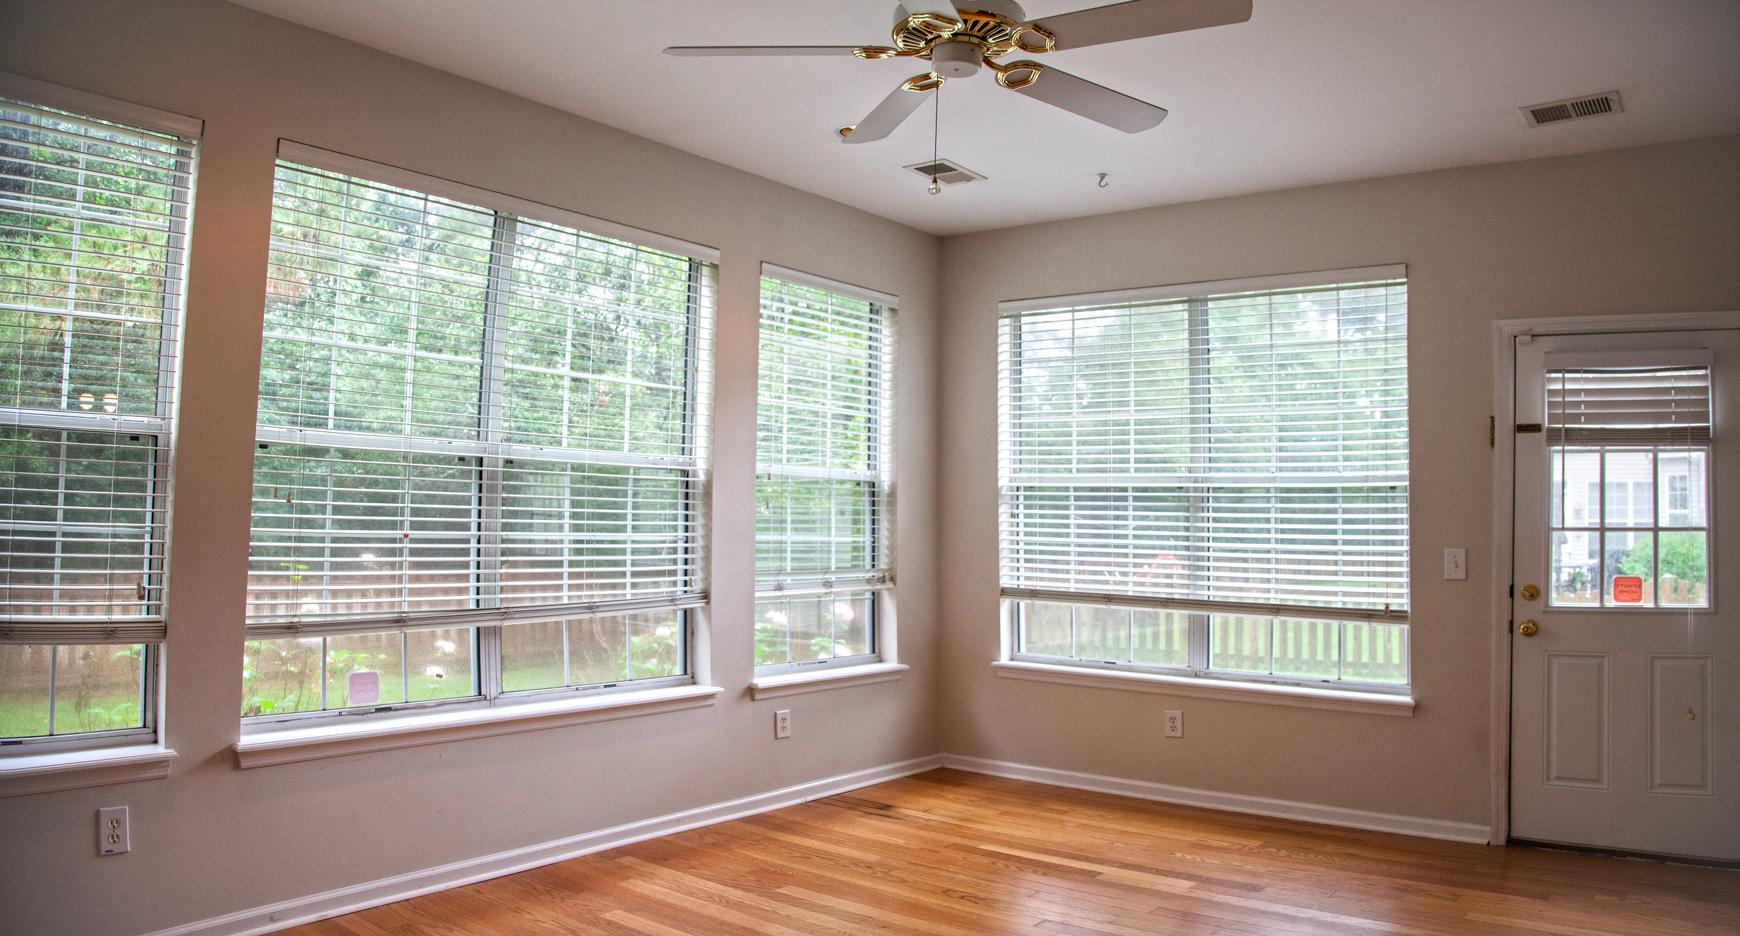 Park West Homes For Sale - 3190 John Bartram Place, Mount Pleasant, SC - 9